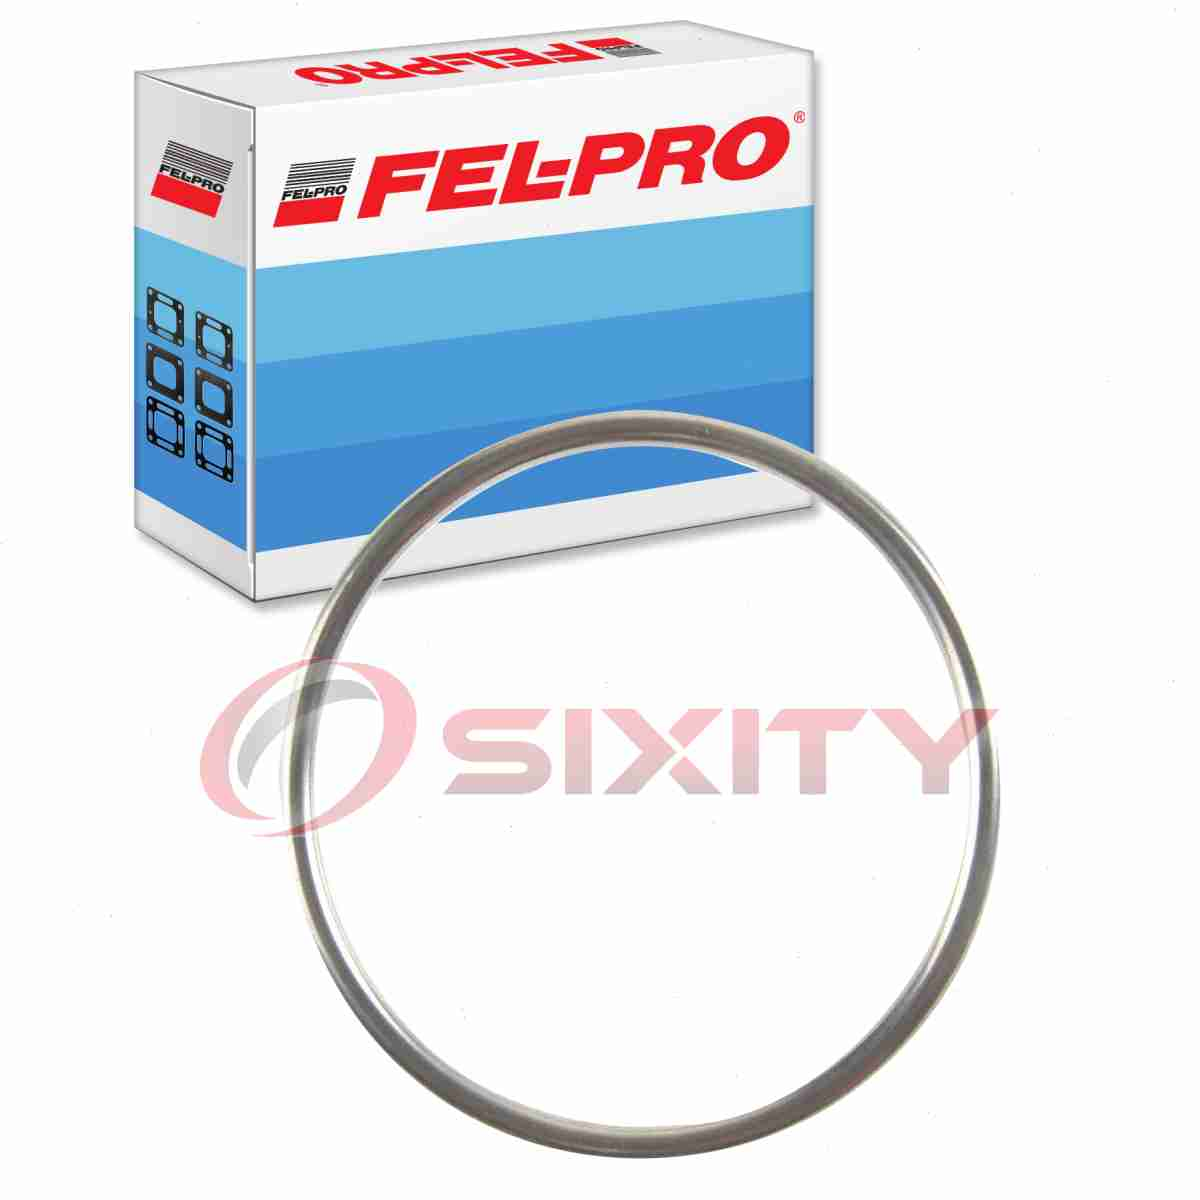 Fel-Pro Exhaust Pipe Flange Gasket for 2001-2006 GMC Sierra 2500 HD FelPro ro